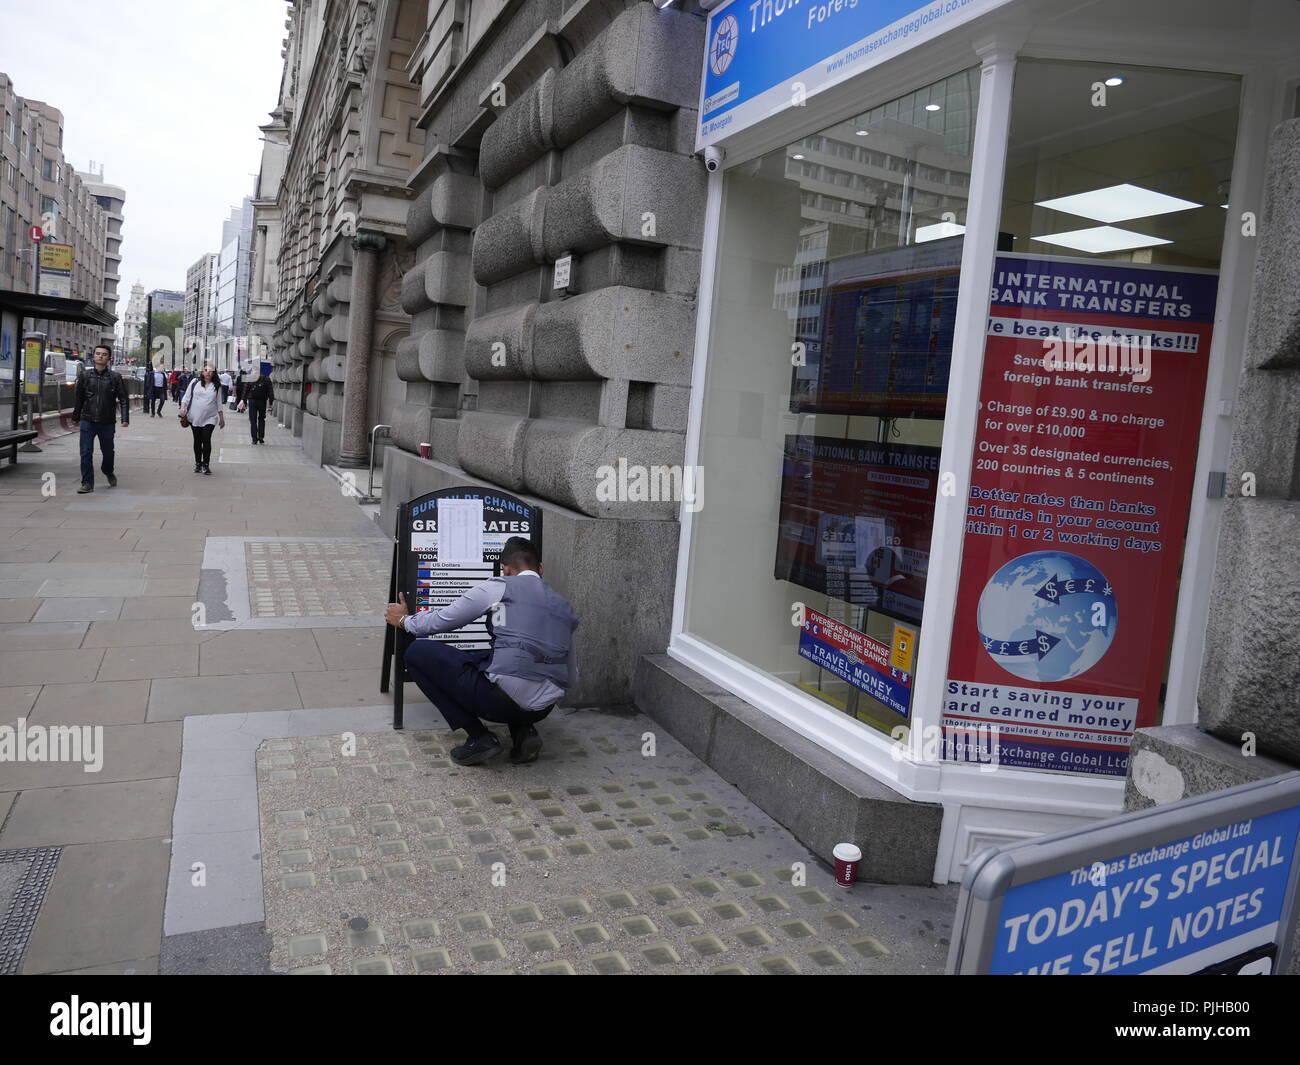 Marcas de ayudante de los tipos de cambio en la junta en Thomas Global Exchange Limited, oficina de cambio, cambio de divisas, Londres, Reino Unido. Foto de stock